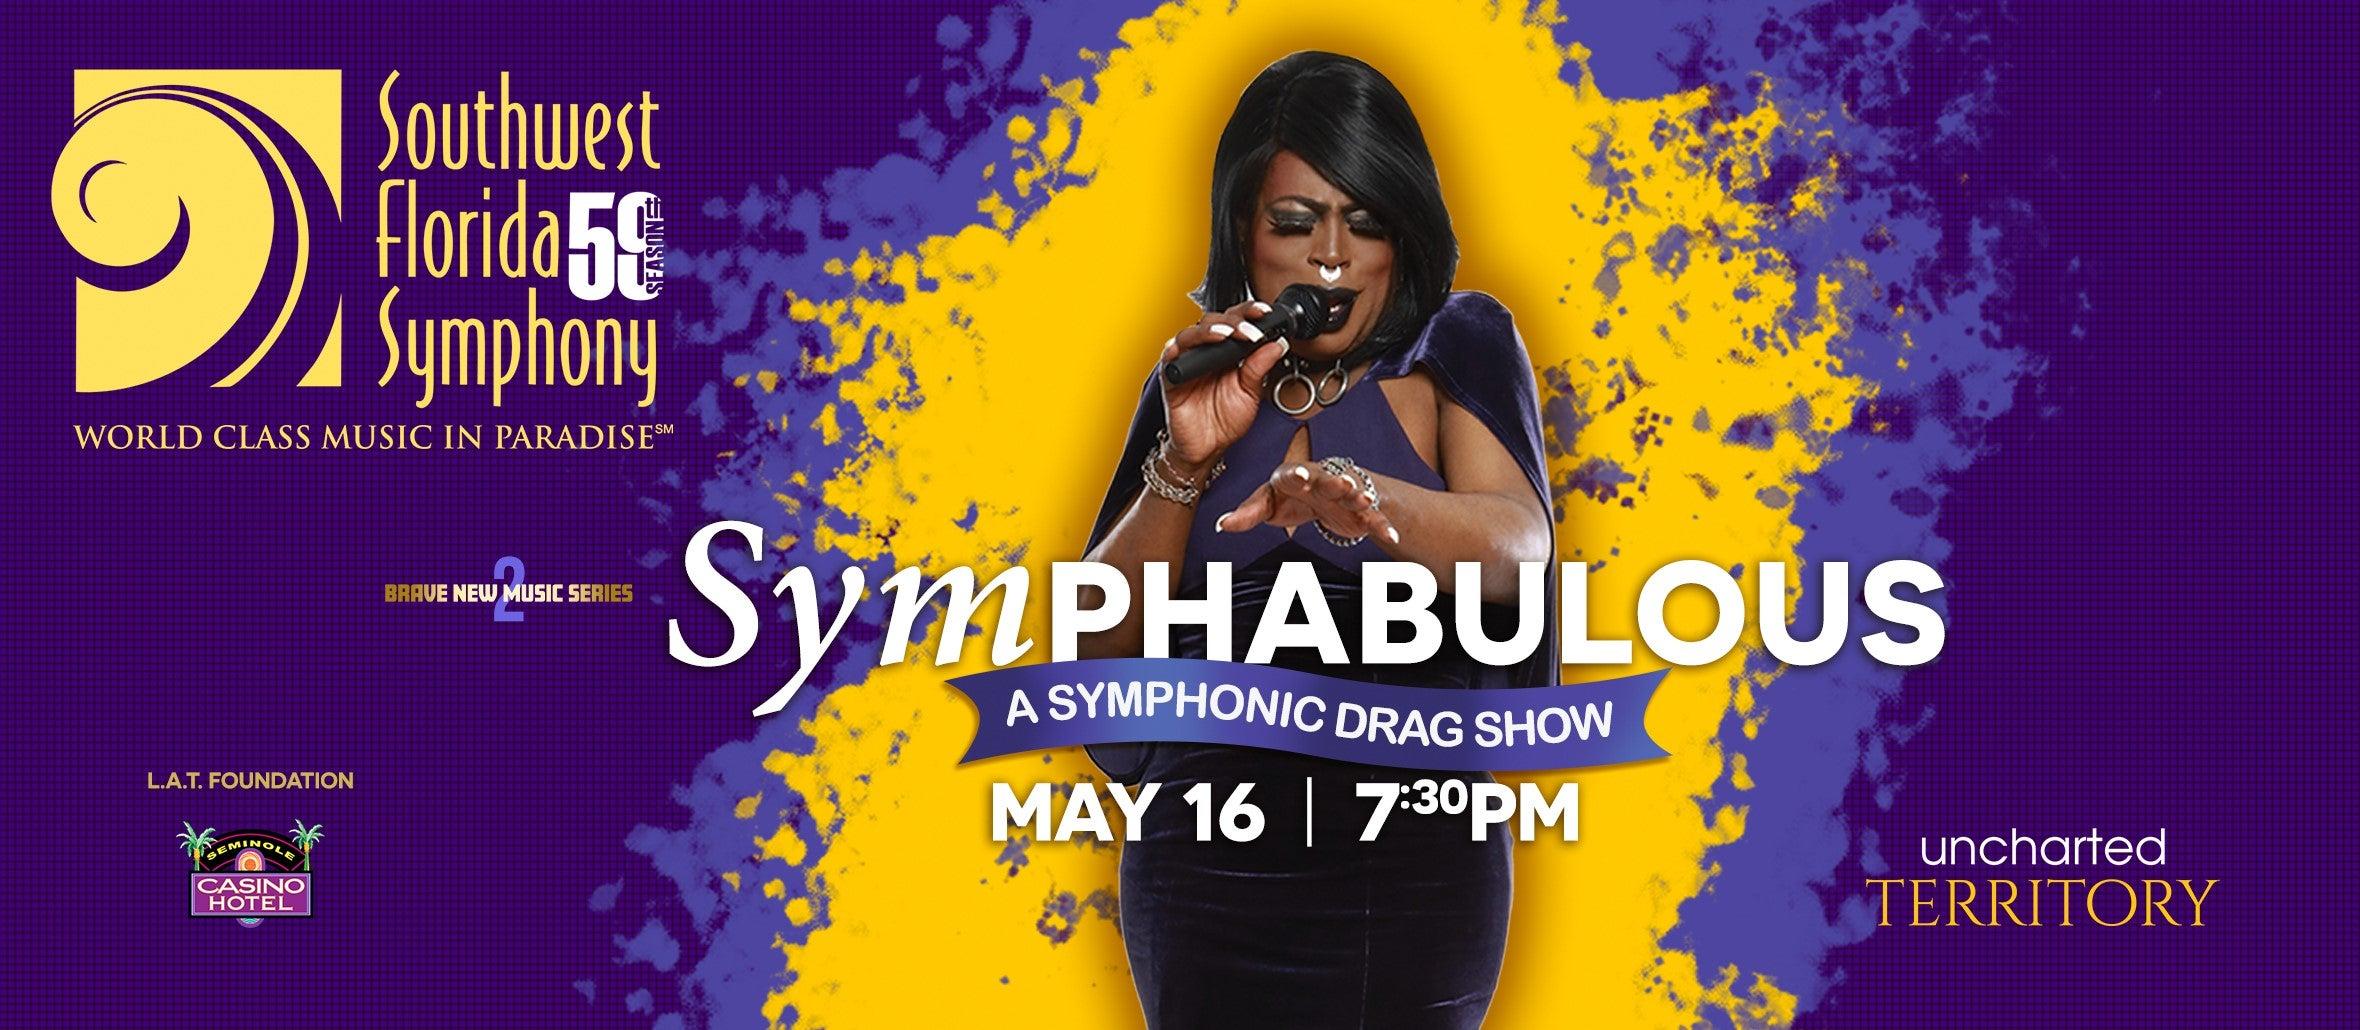 Southwest Florida Symphony SymPHABULOUS - A Symphonic Drag Show